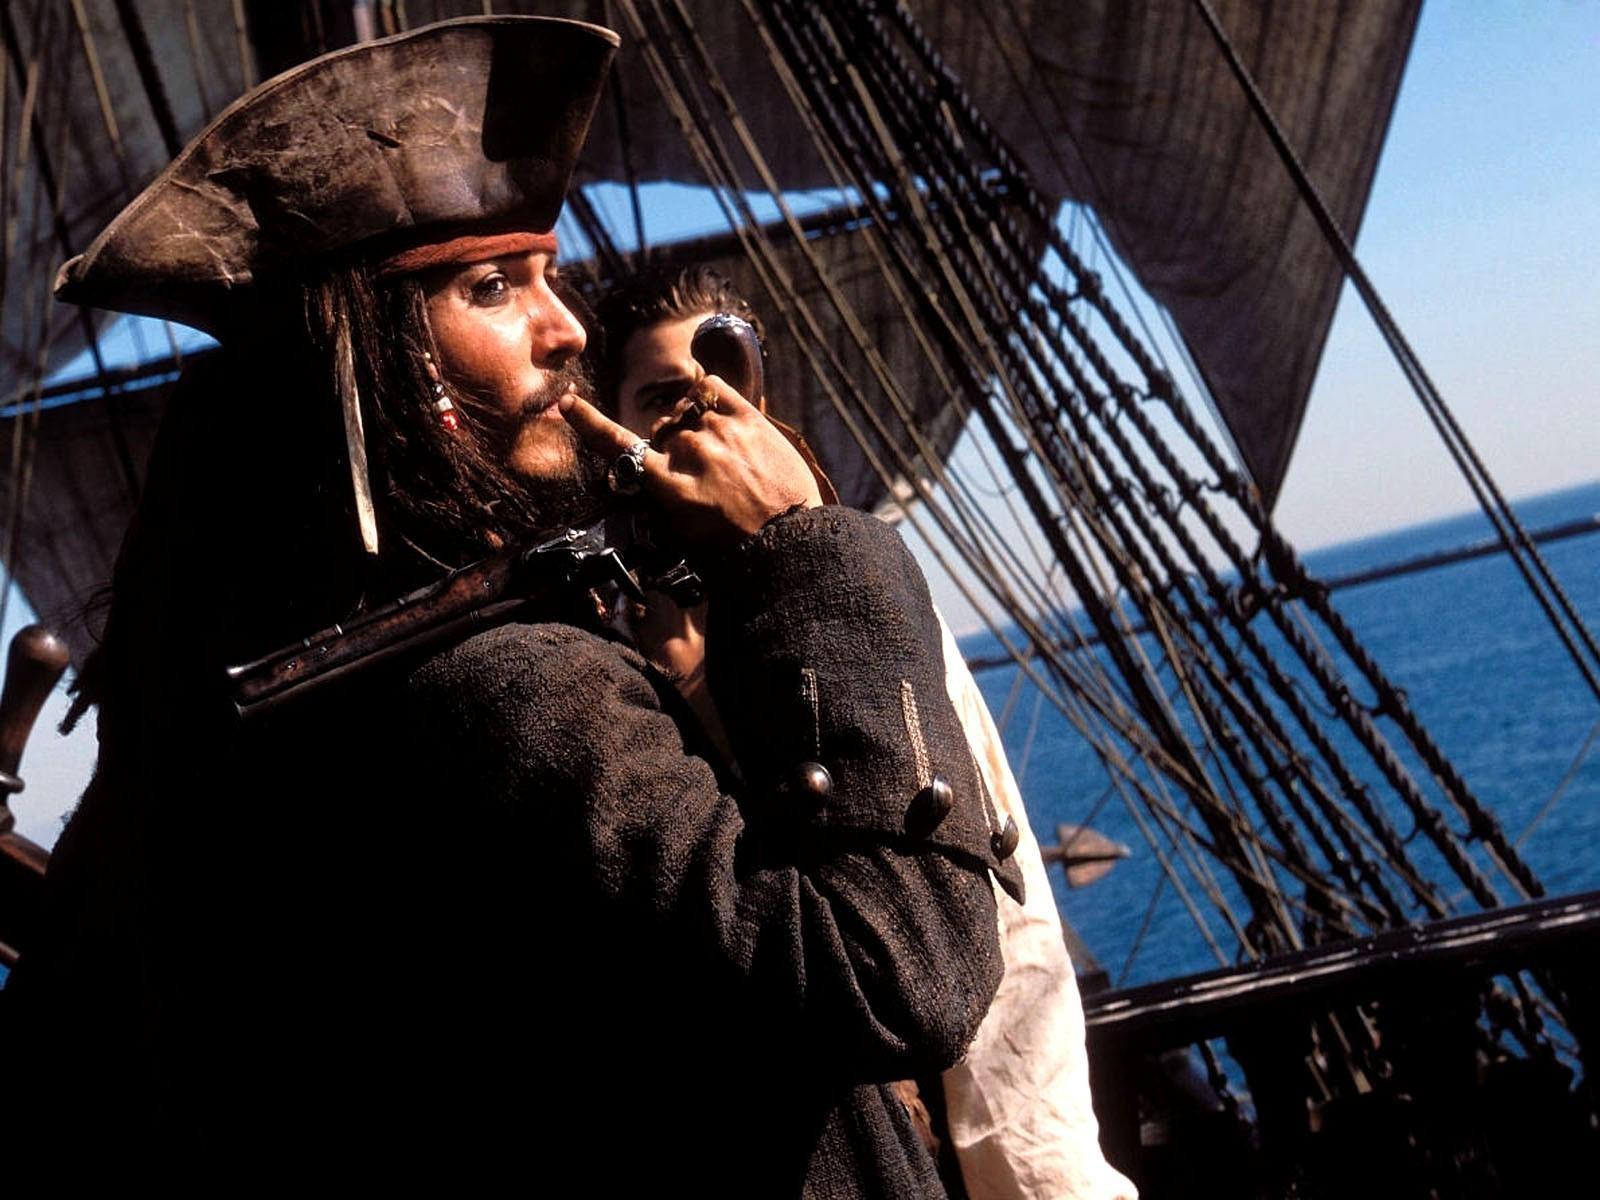 пираты карибского моря джек воробей море природа остров песок лодка вода  № 1386228 бесплатно